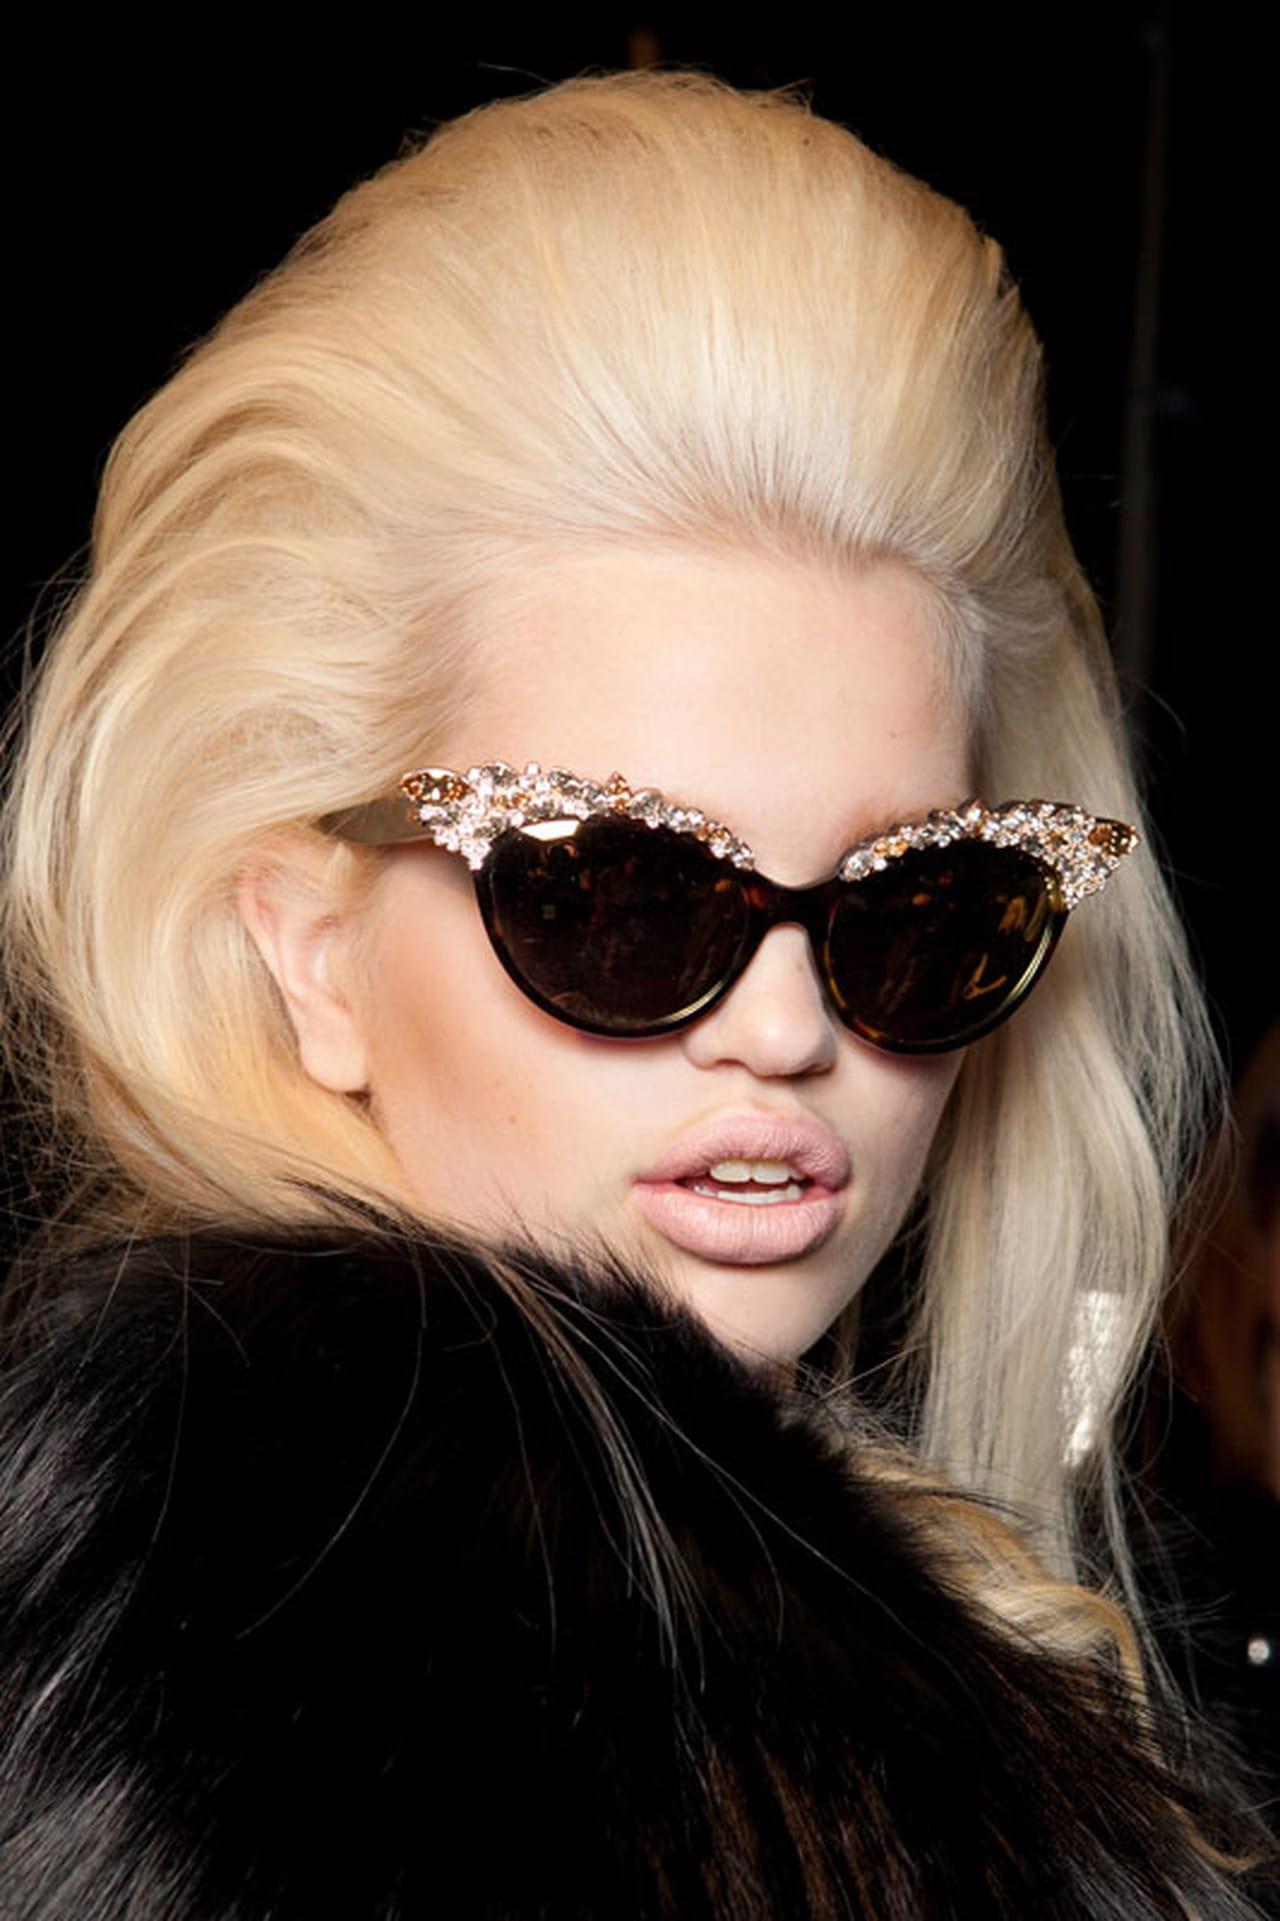 b3cbd94ee مجموعة نظارات شمسية من أهم الماركات العالمية لعامي 2012/2013